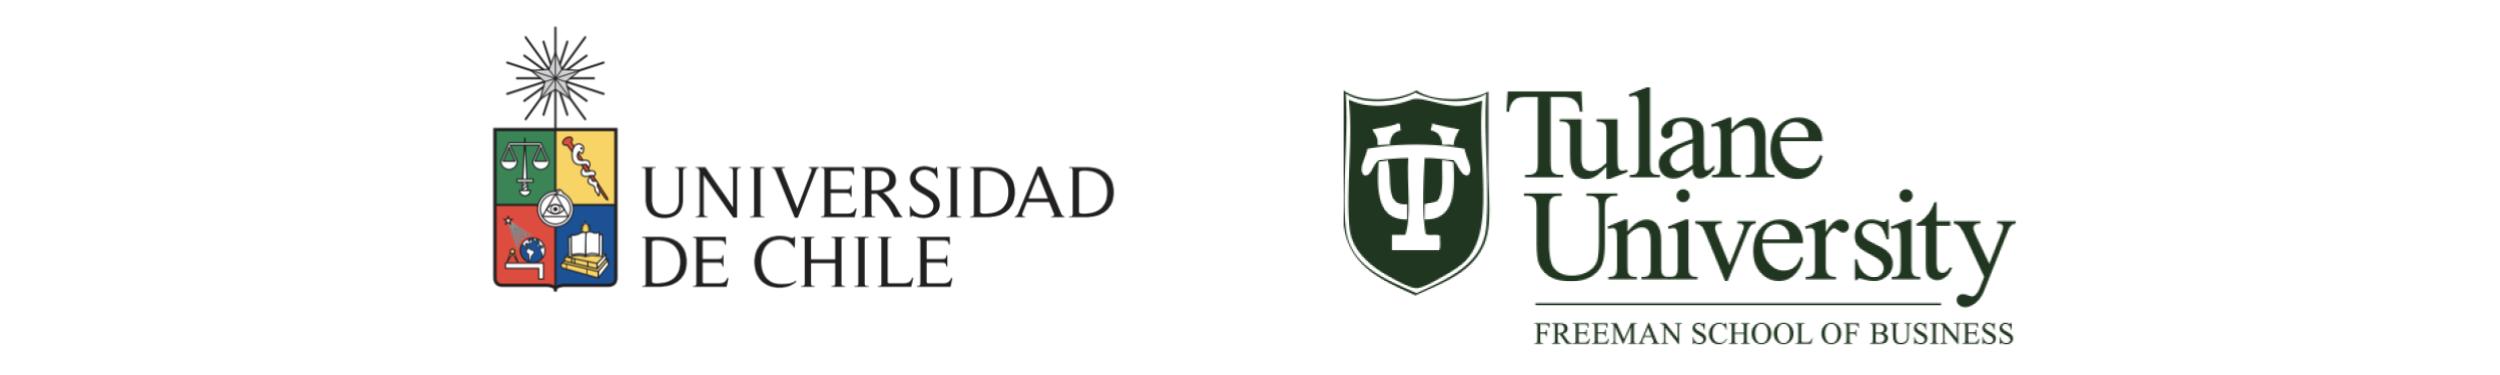 logo tulane uchile